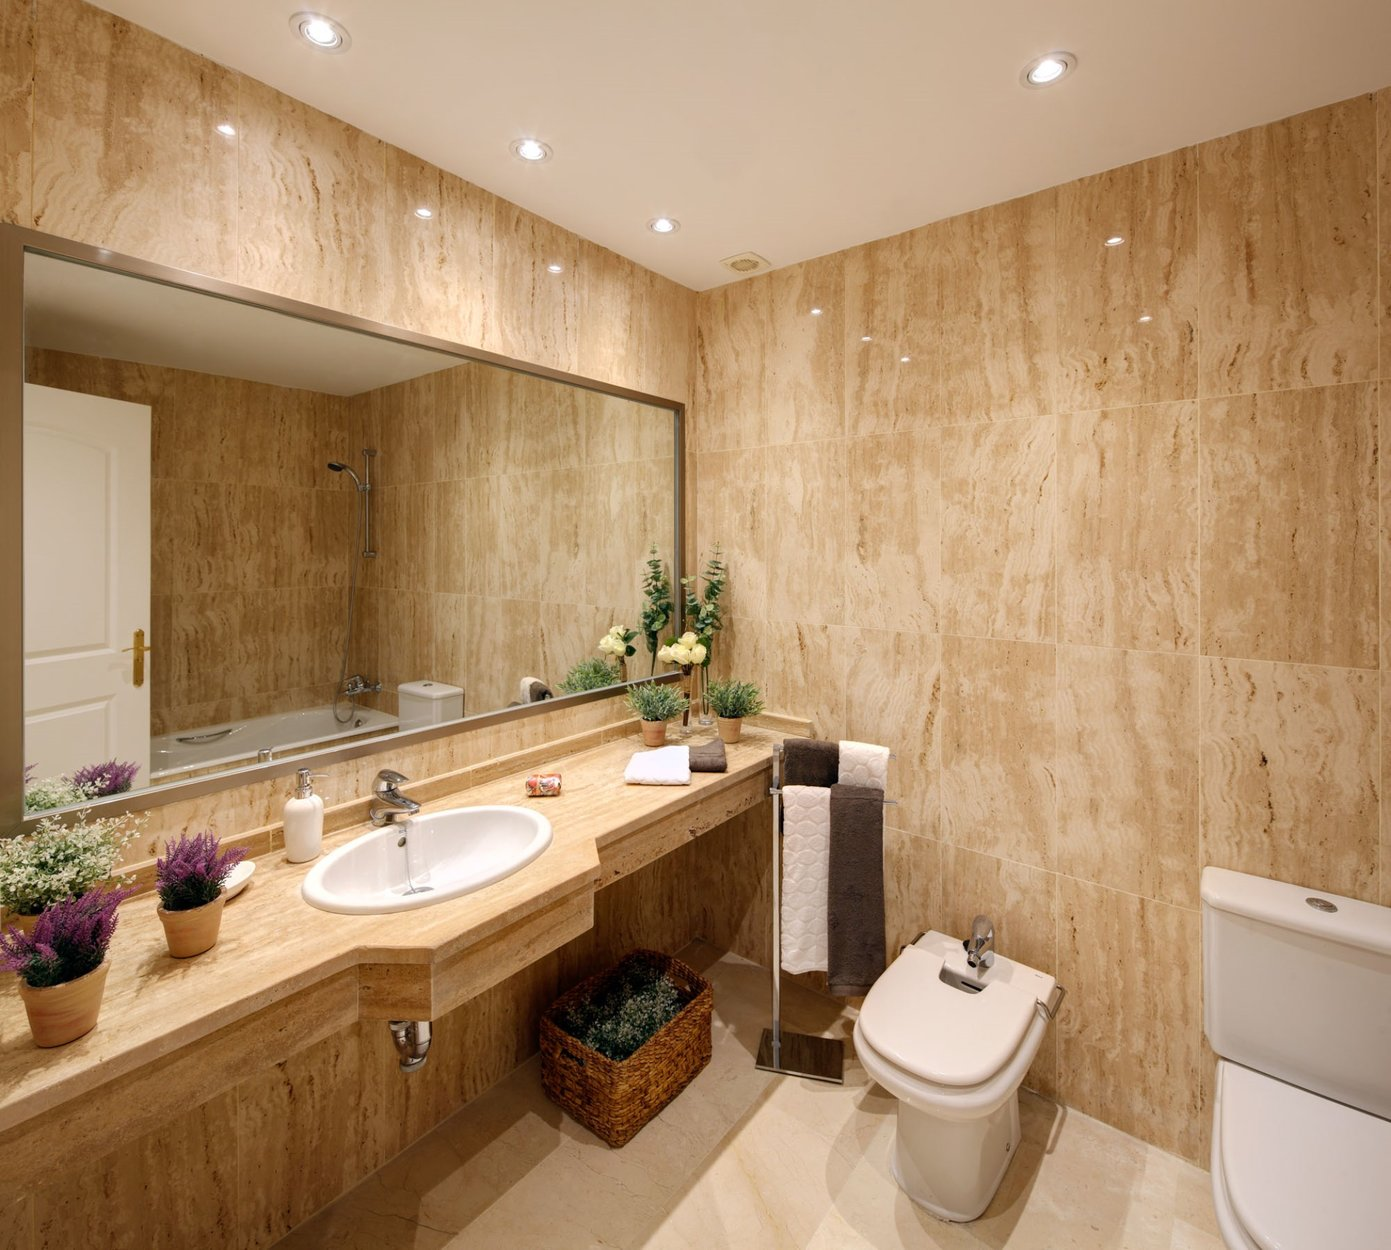 2 bedroom, 2 bathroom Apartment for sale in Elviria, Marbella ...